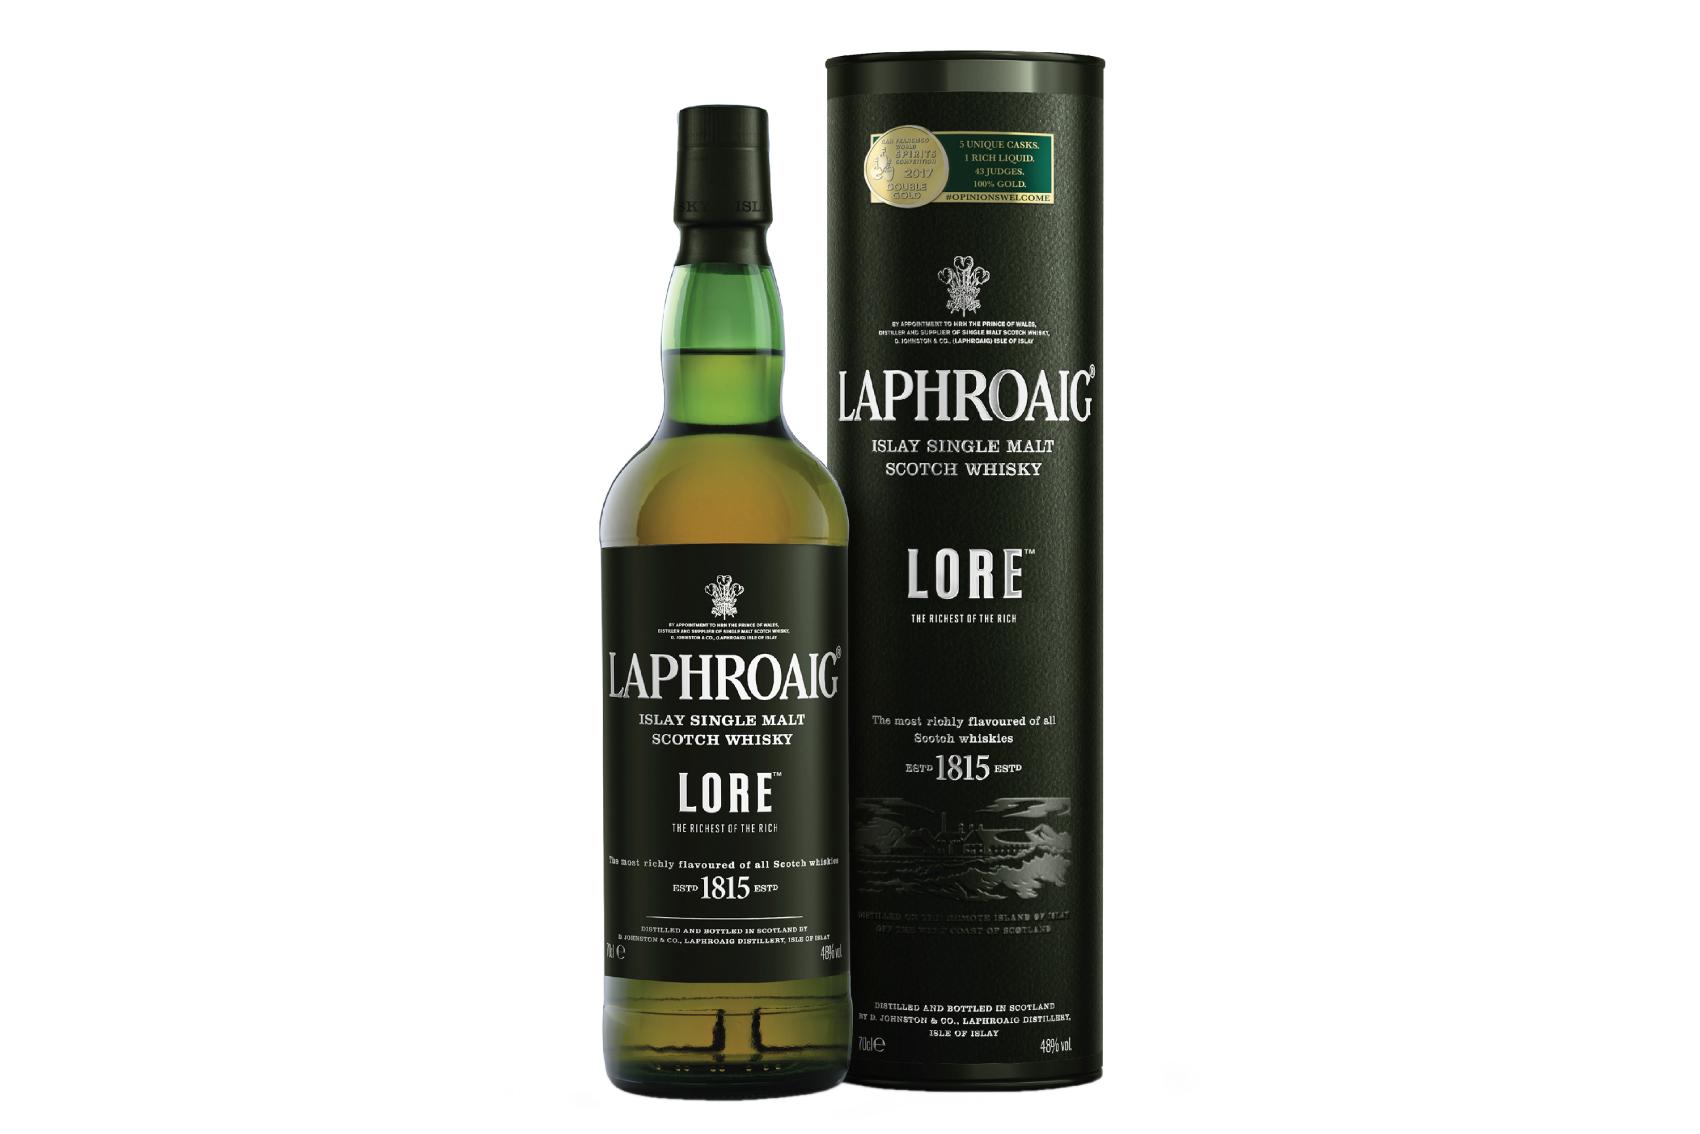 「ラフロイグ ロア」国内再発売 | Whisky News